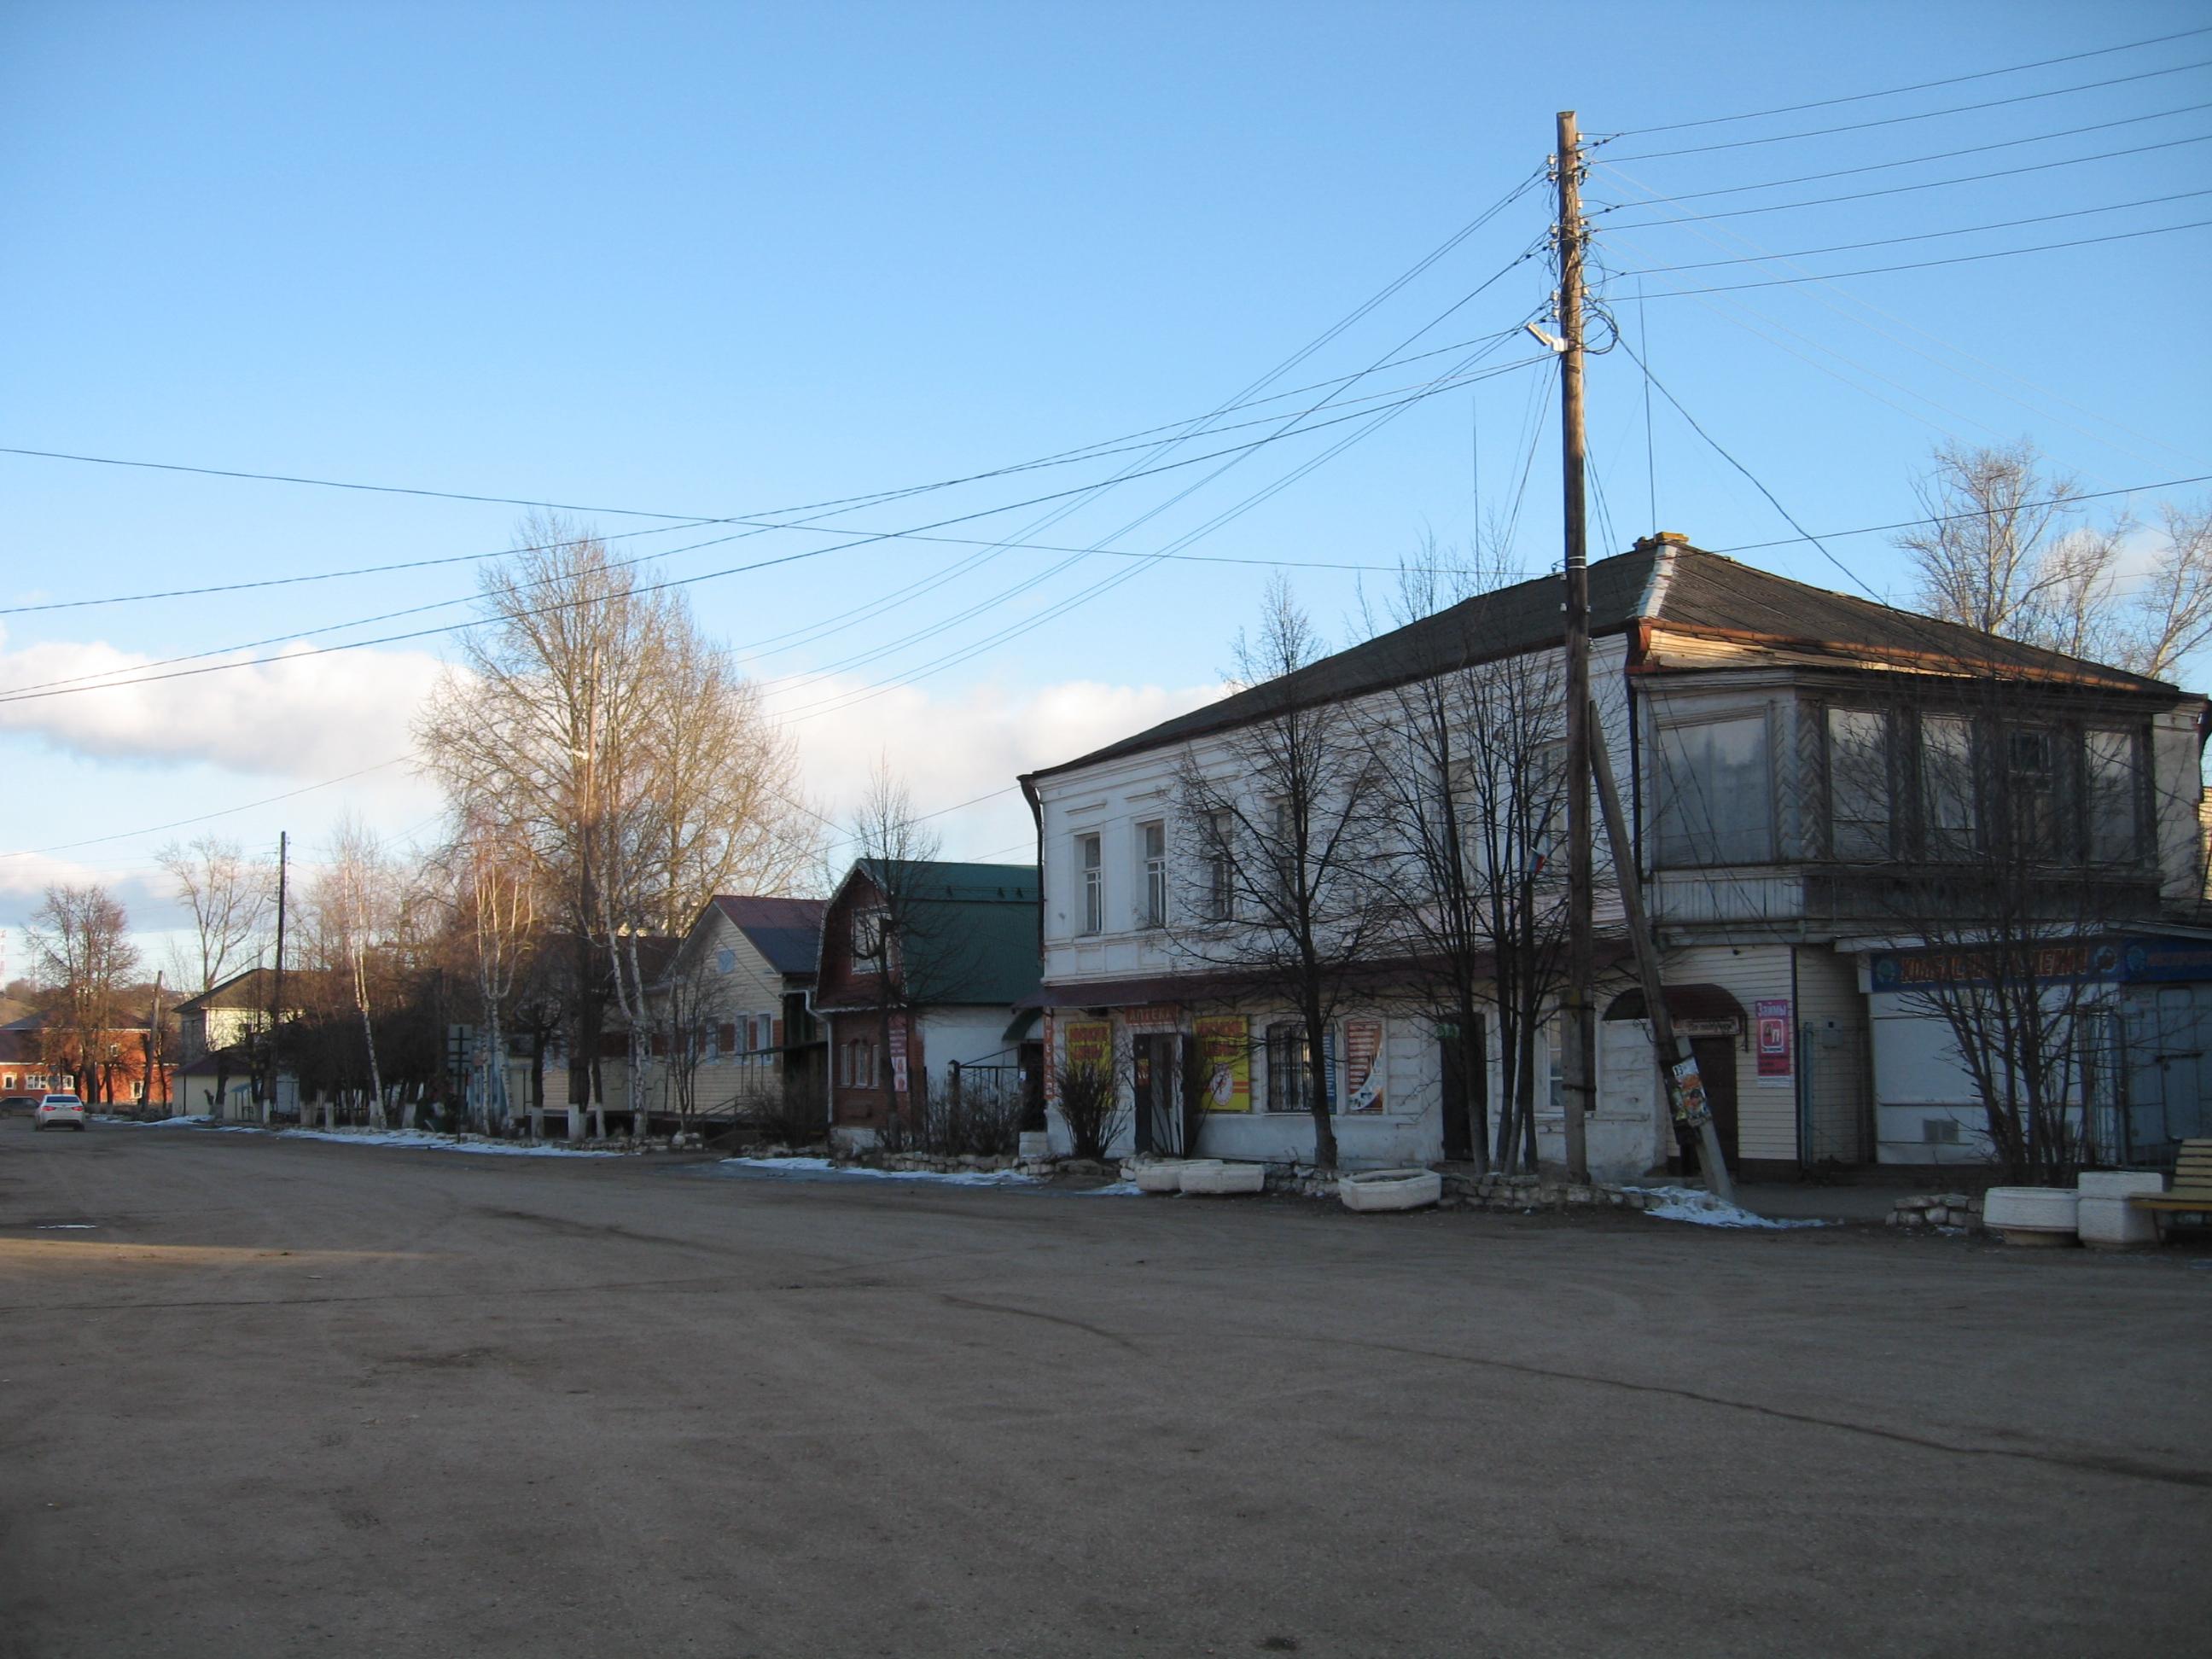 2020 03 22 Малмыж Площадь (2).JPG